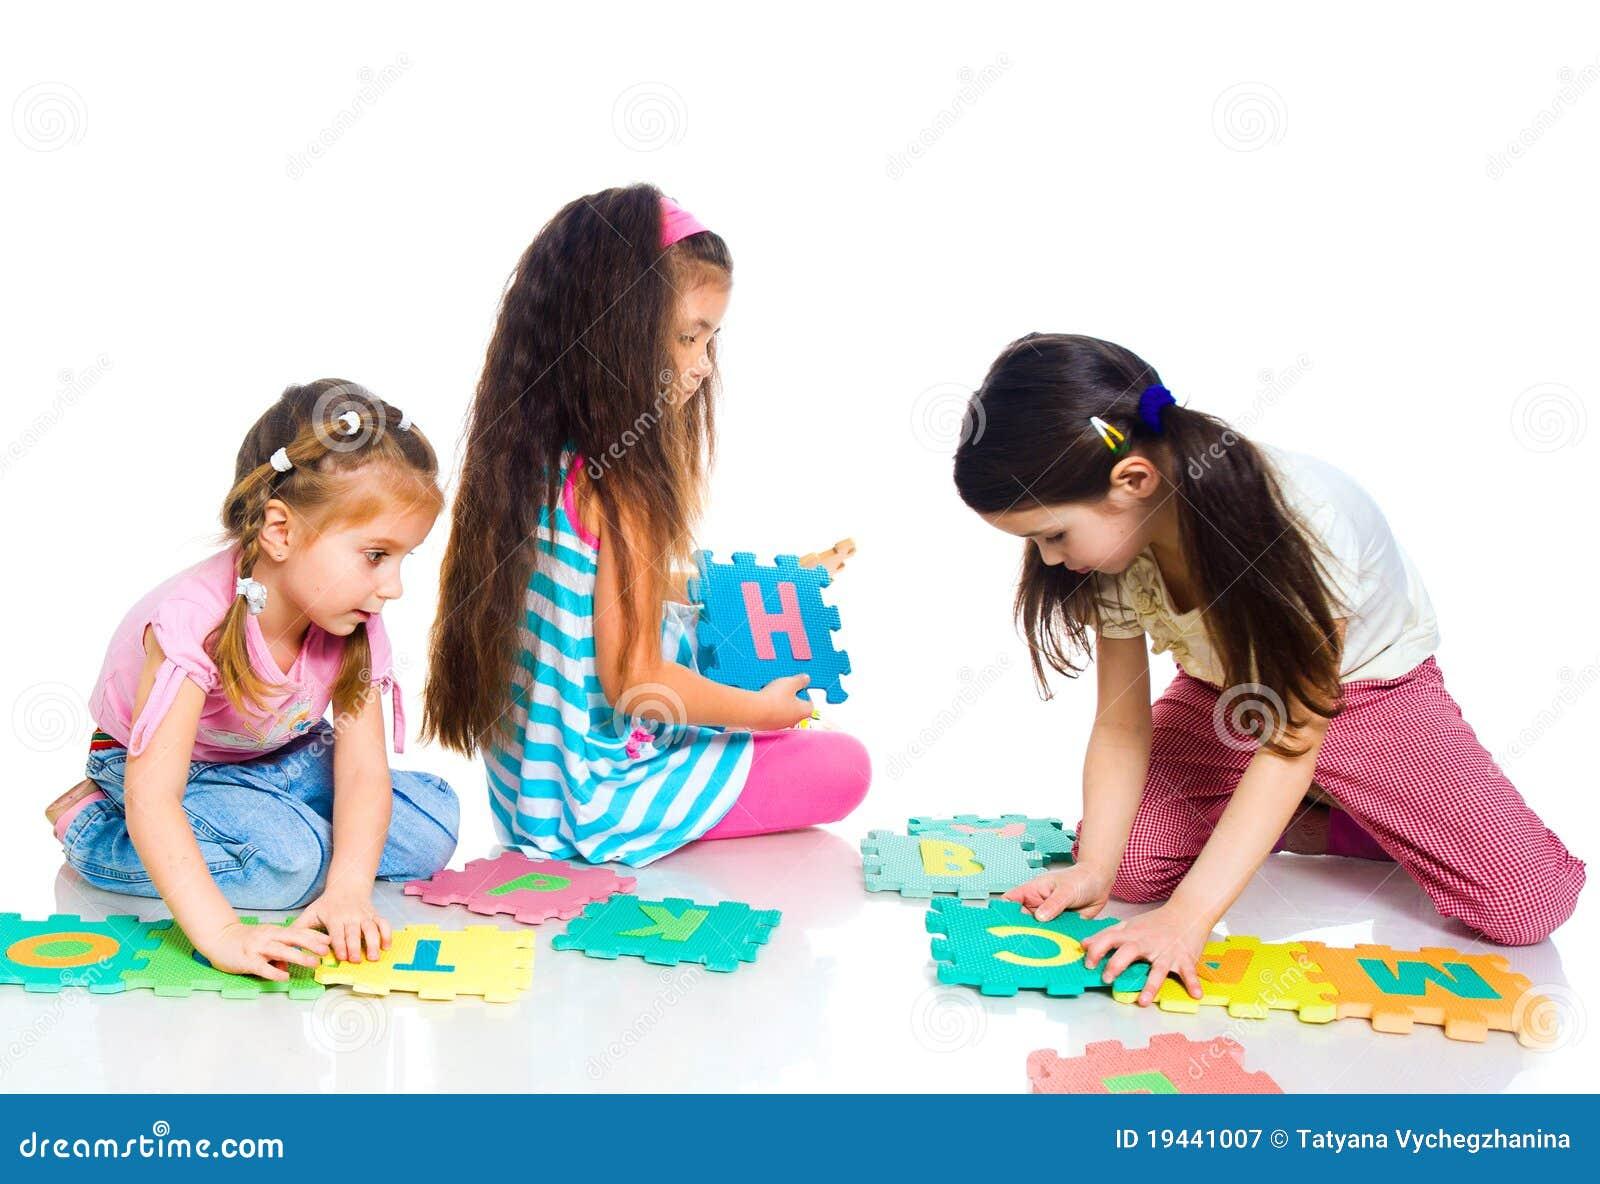 Los Niños Están Jugando Cartas Imagen de archivo - Imagen de poco ...